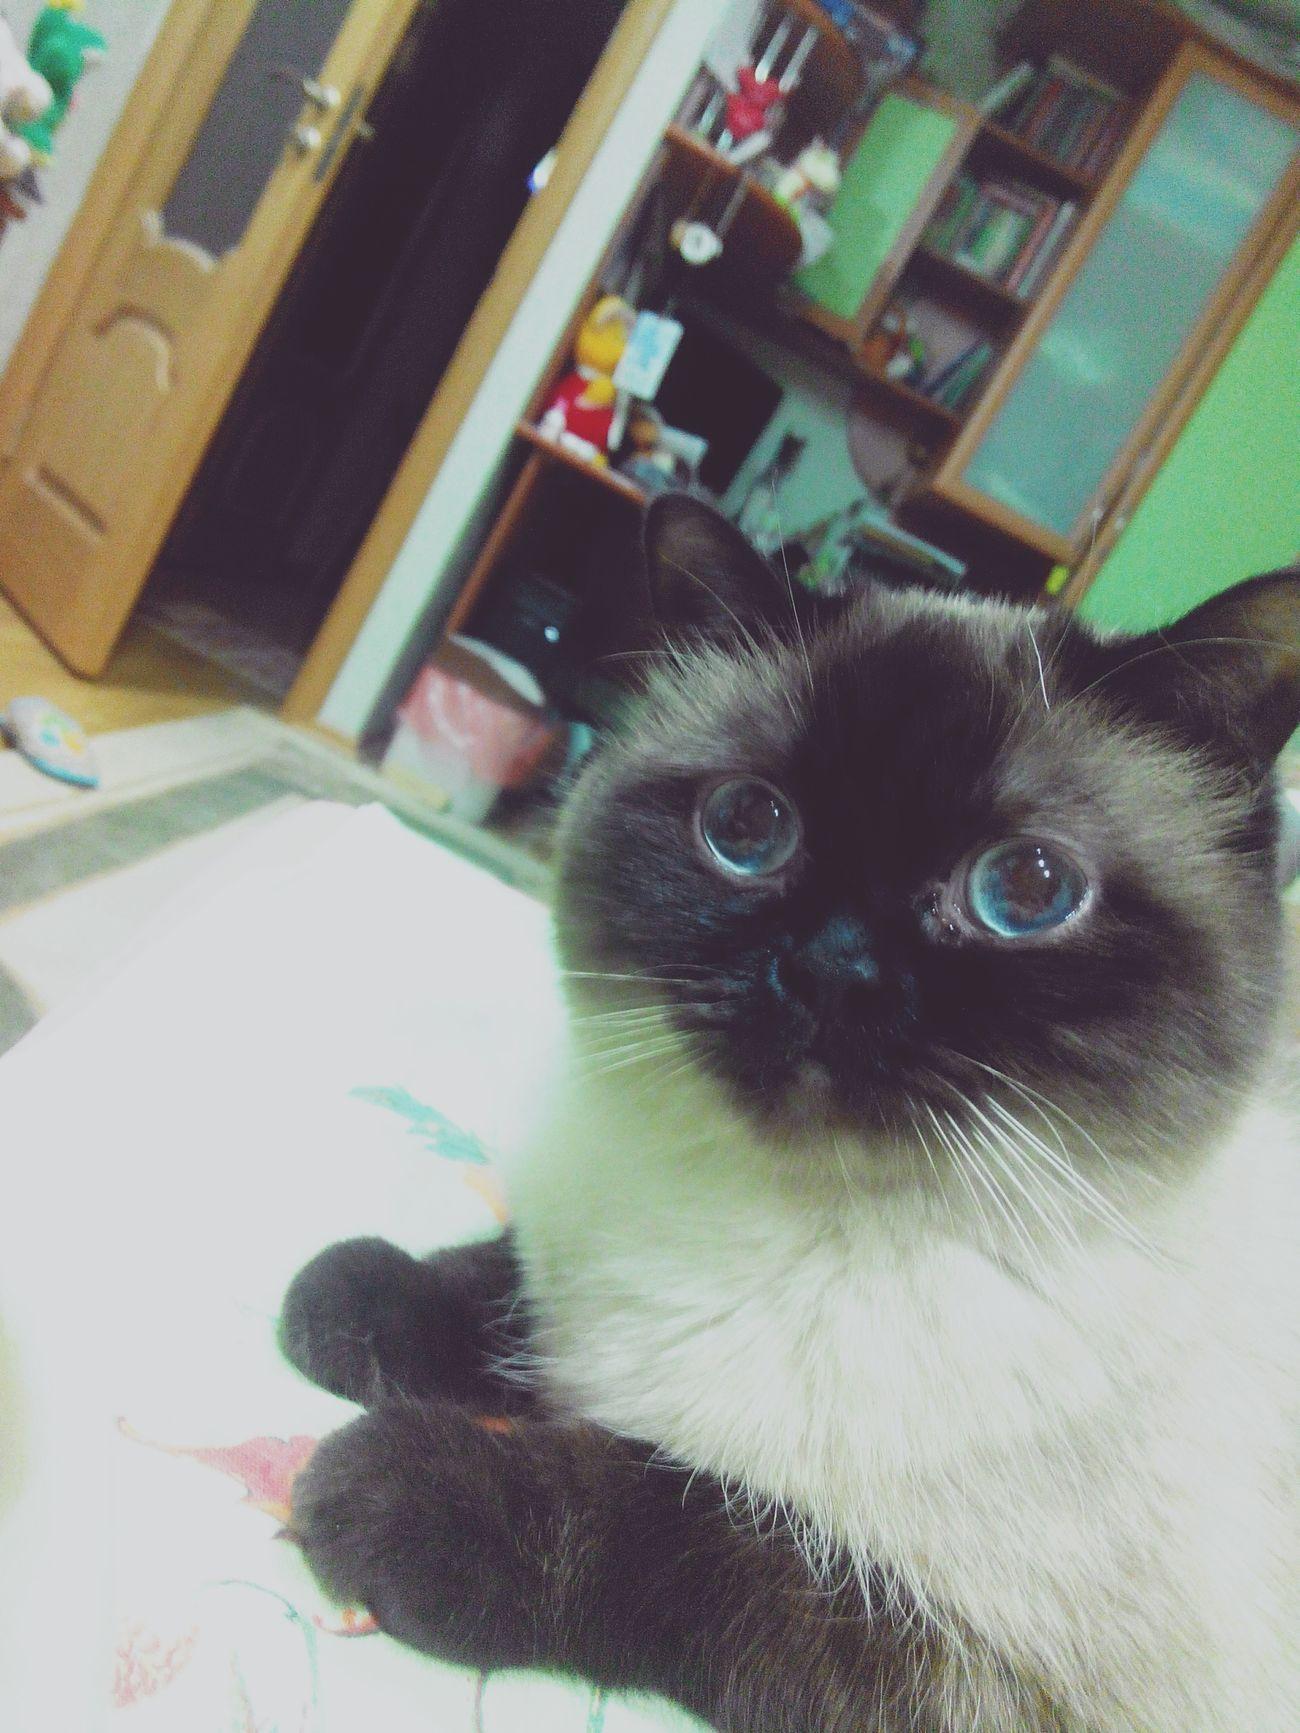 Моя моделька кот моялюбовь моесчастье мойумка черныеушки черныелапки священнаябирма Cat голубые глаза